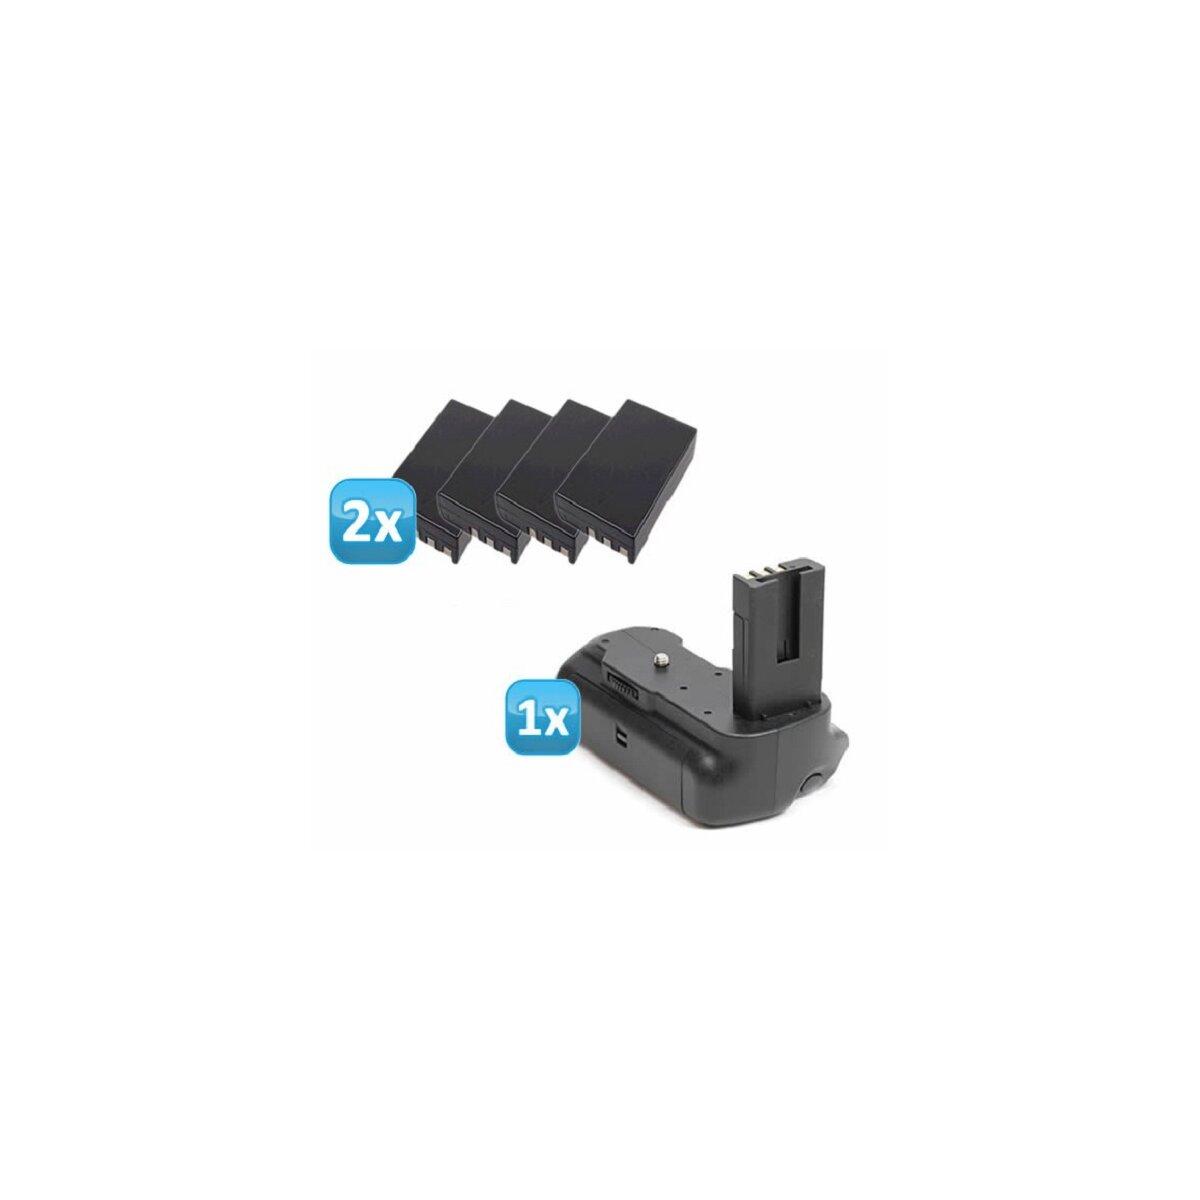 Minadax Profi Batteriegriff fuer Nikon D5000 - hochwertiger Handgriff mit Hochformatausloeser und besserem Halt + 4x EN-EL9 Nachbau-Akkus